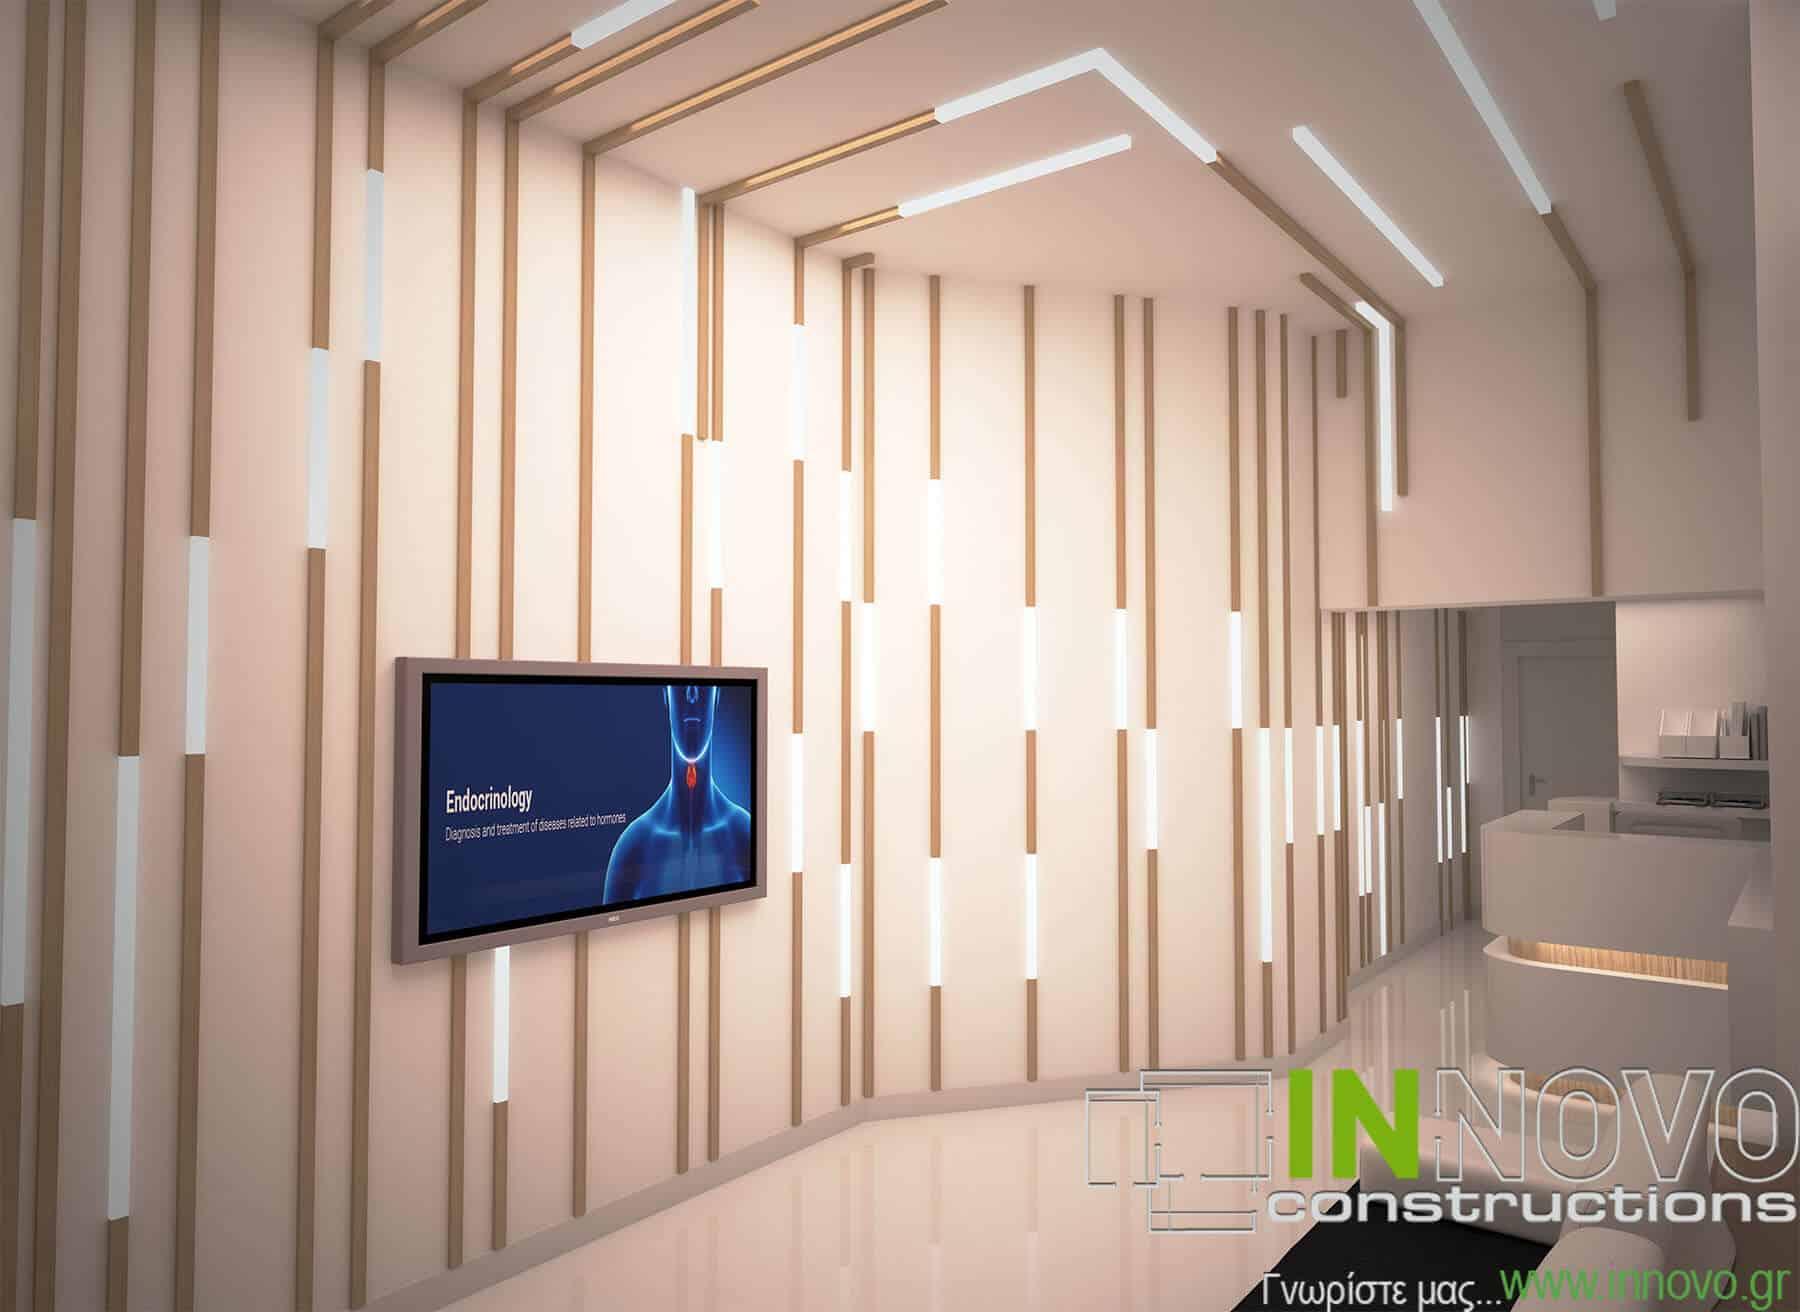 Σχεδιασμός κατασκευής Ενδοκρινολογικού ιατρείου στη Ναύπακτο